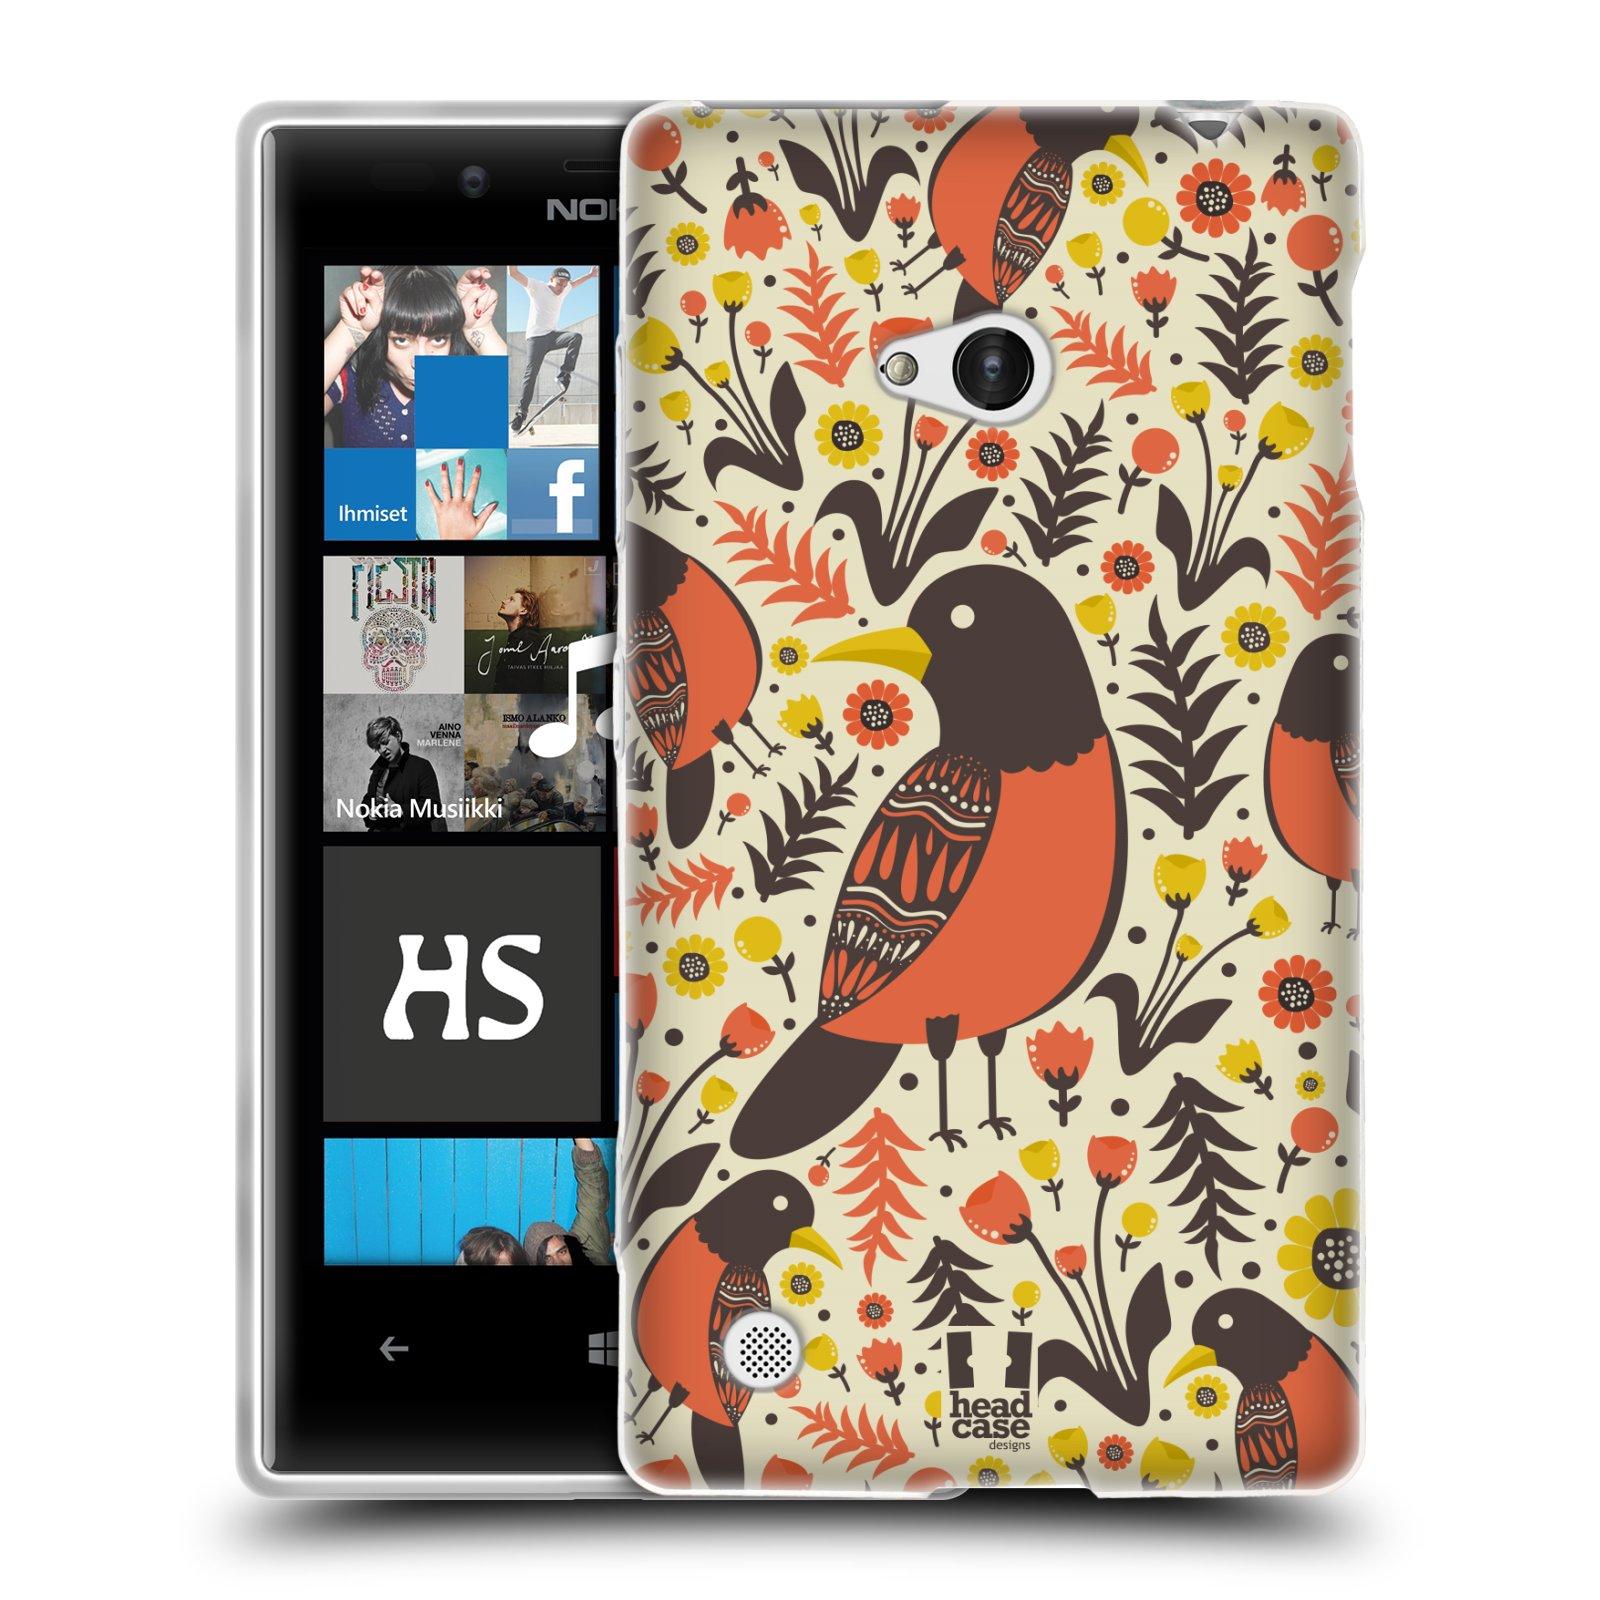 HEAD CASE silikonový obal na mobil NOKIA Lumia 720 vzor kreslení ptáci červenka